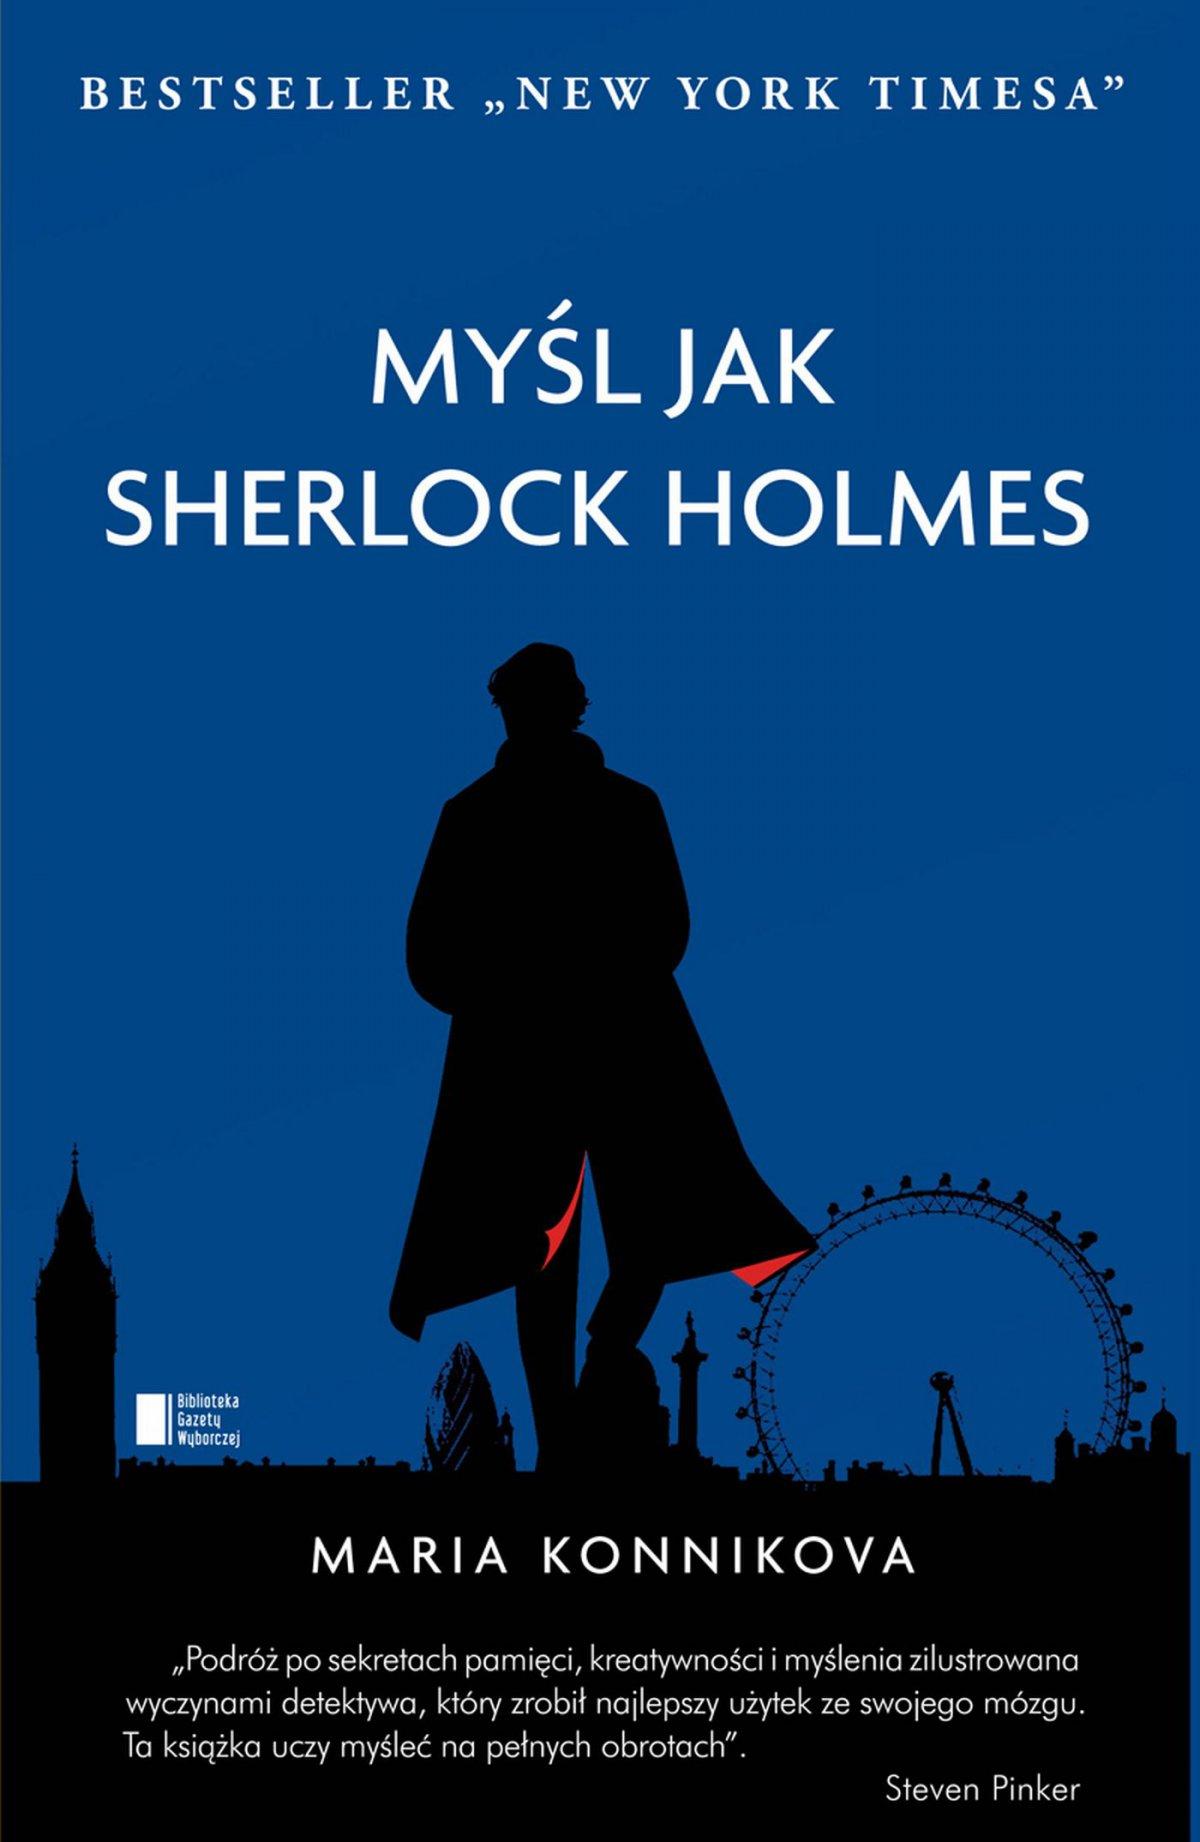 Myśl jak Sherlock Holmes - Ebook (Książka na Kindle) do pobrania w formacie MOBI